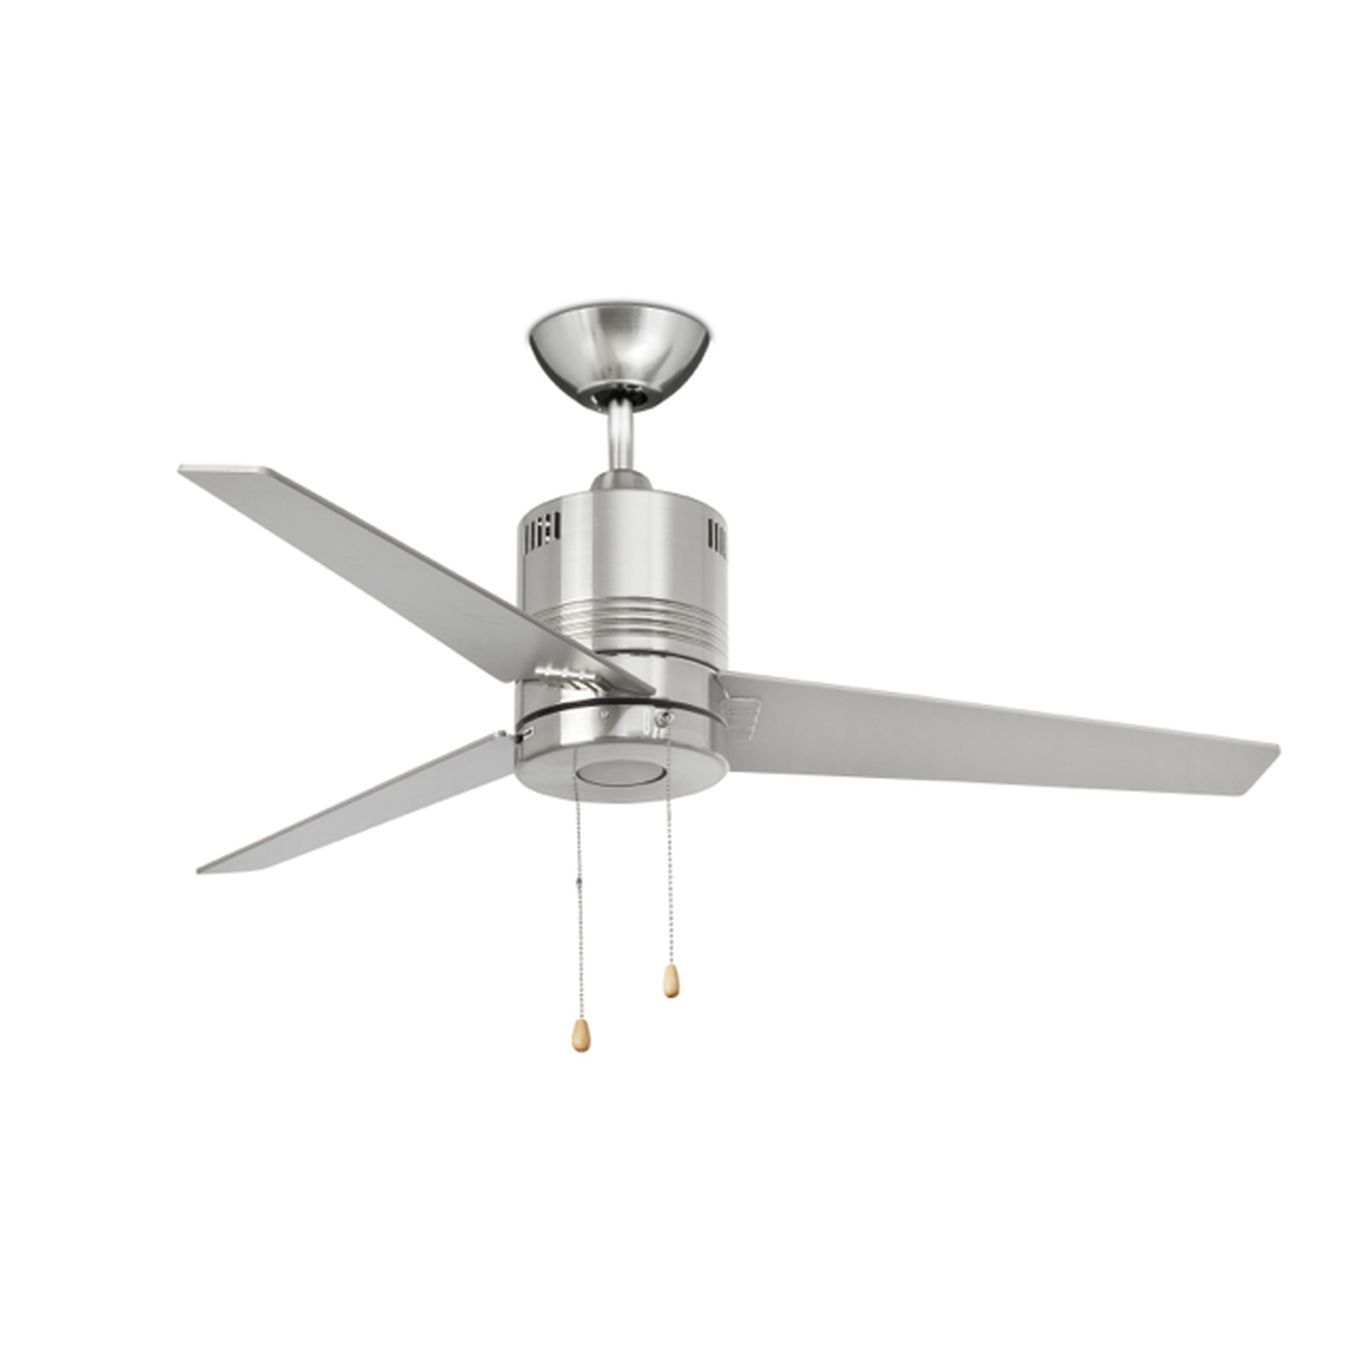 Leroy Merlin Ventilador De Techo Albatros Precio 149 Euros  ~ Ventiladores Techo El Corte Ingles